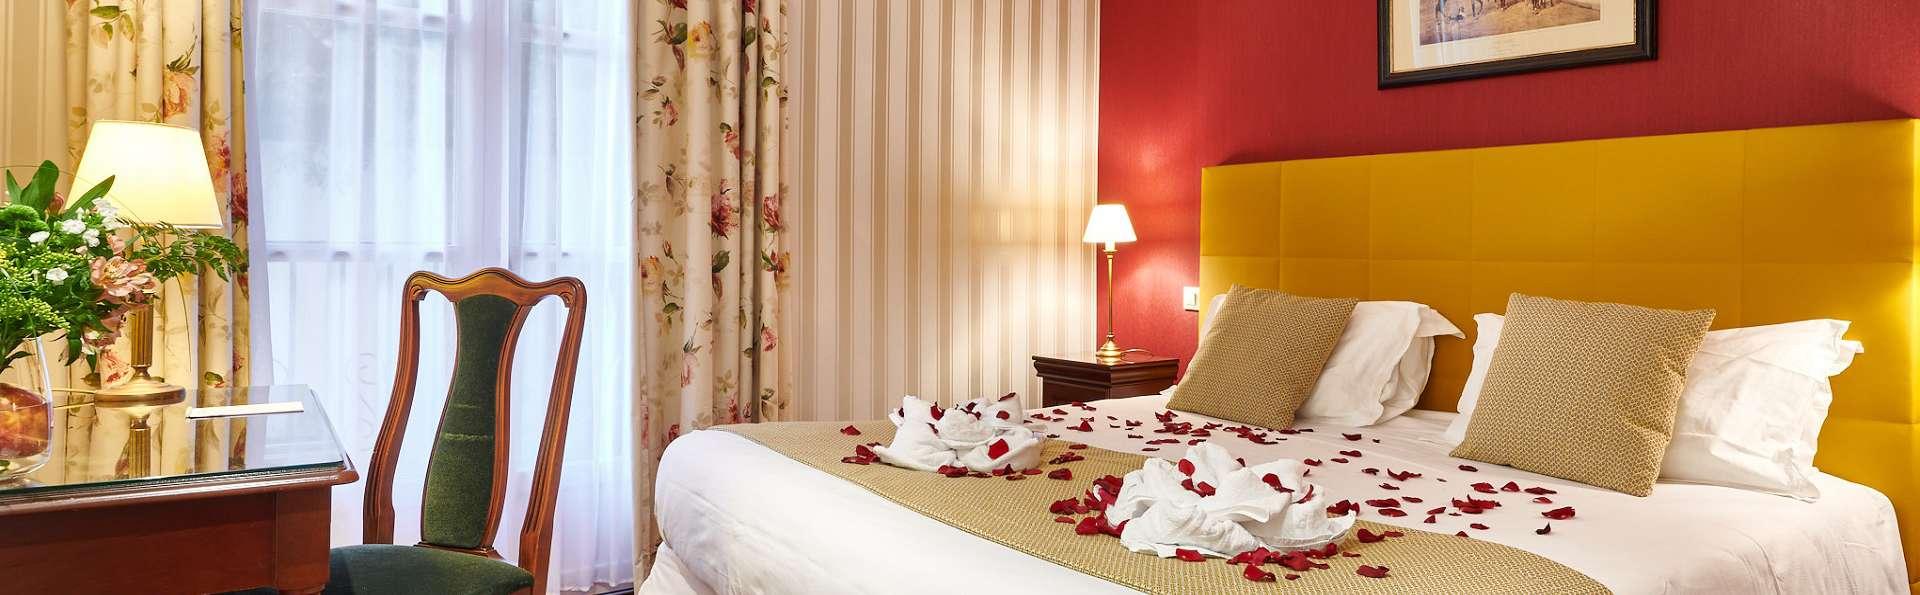 Escapade romantique dans un hôtel de charme à Biarritz